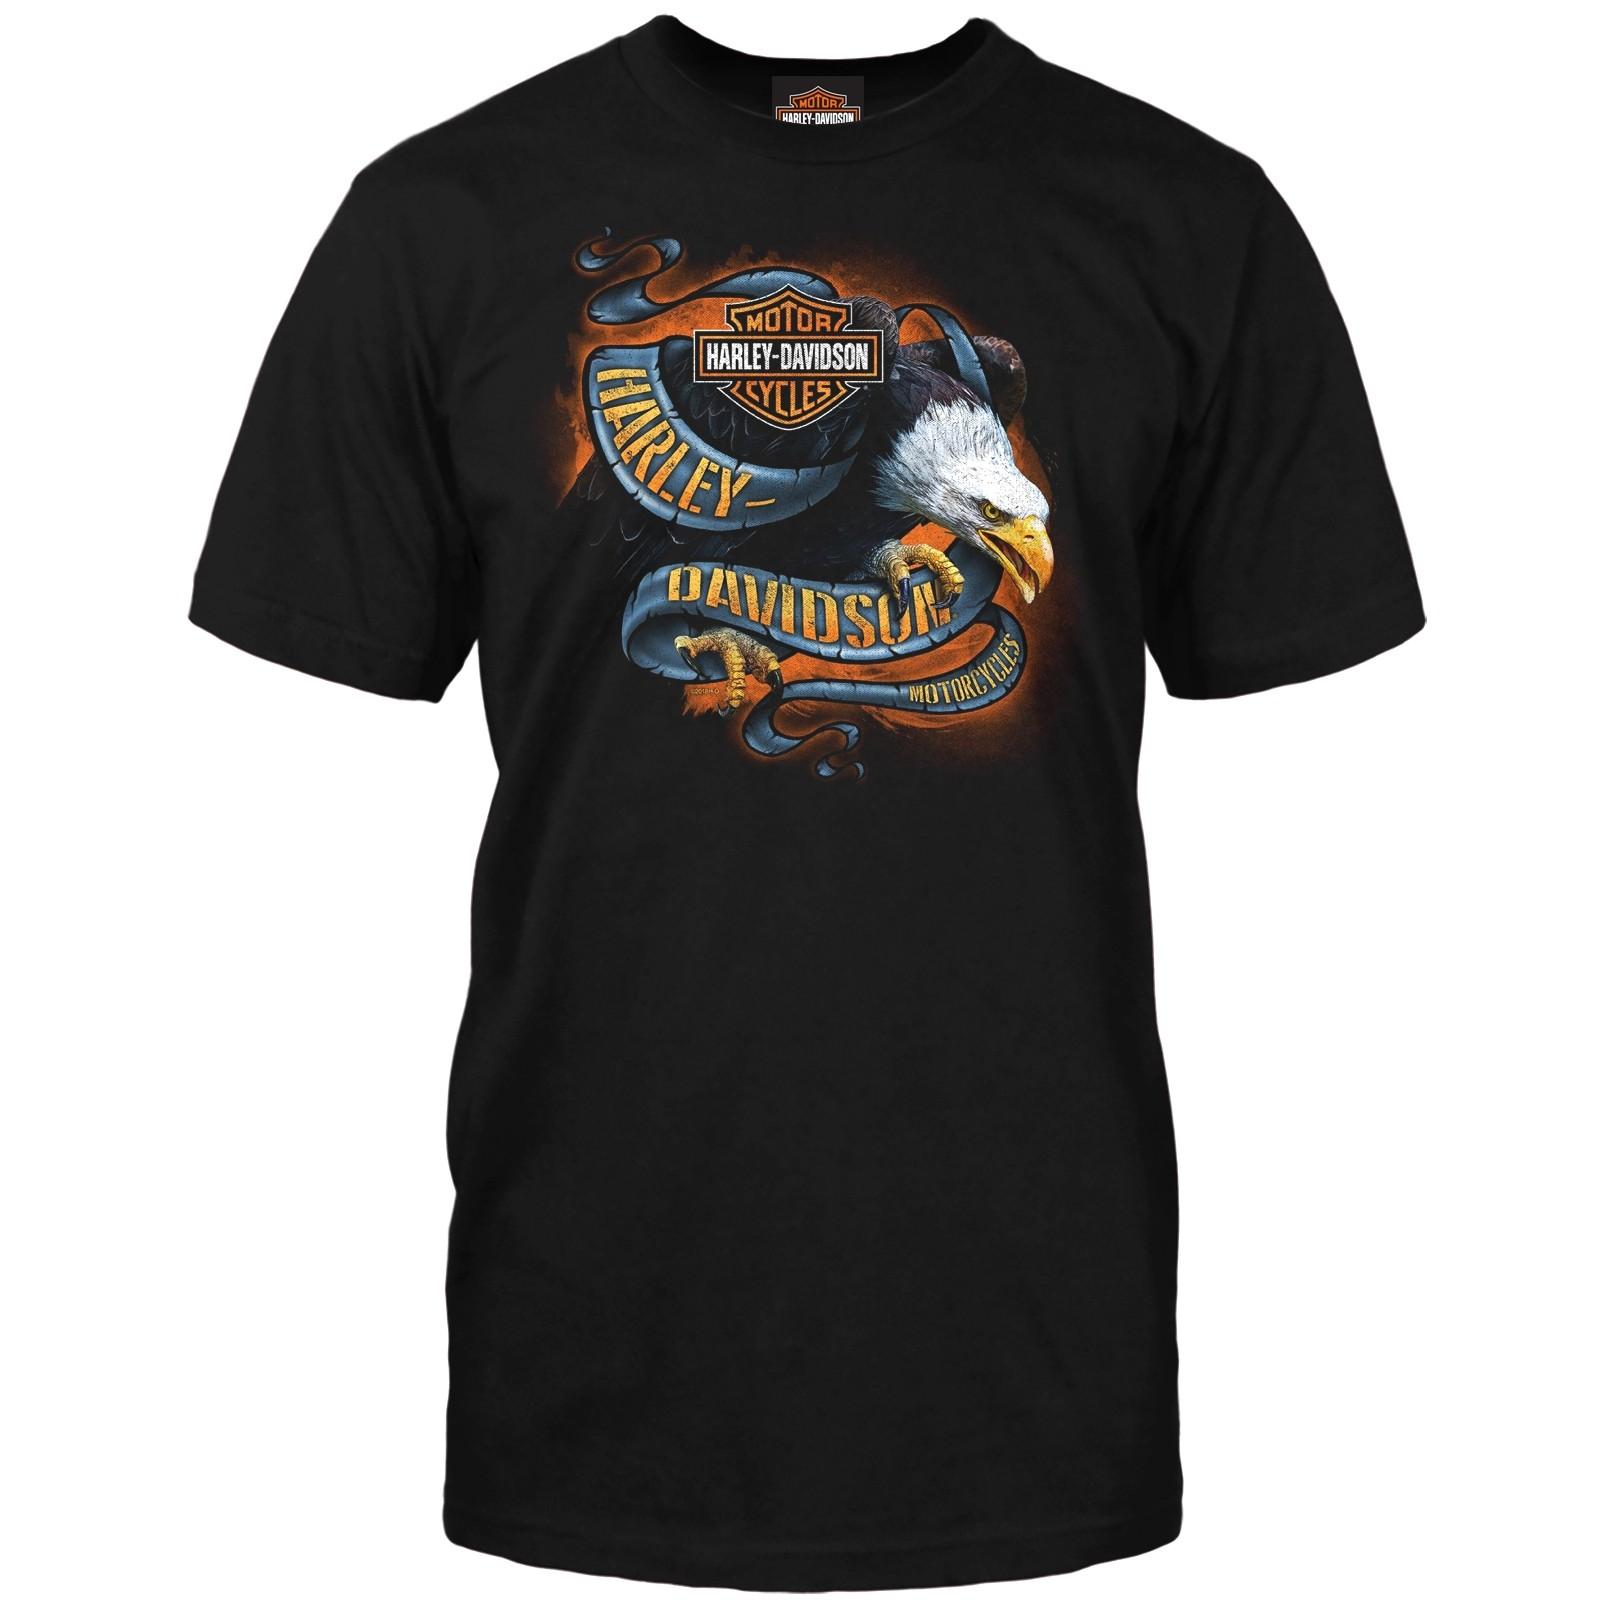 Harley-Davidson Men's Graphic T-Shirt - RAF Mildenhall | Stalkin'